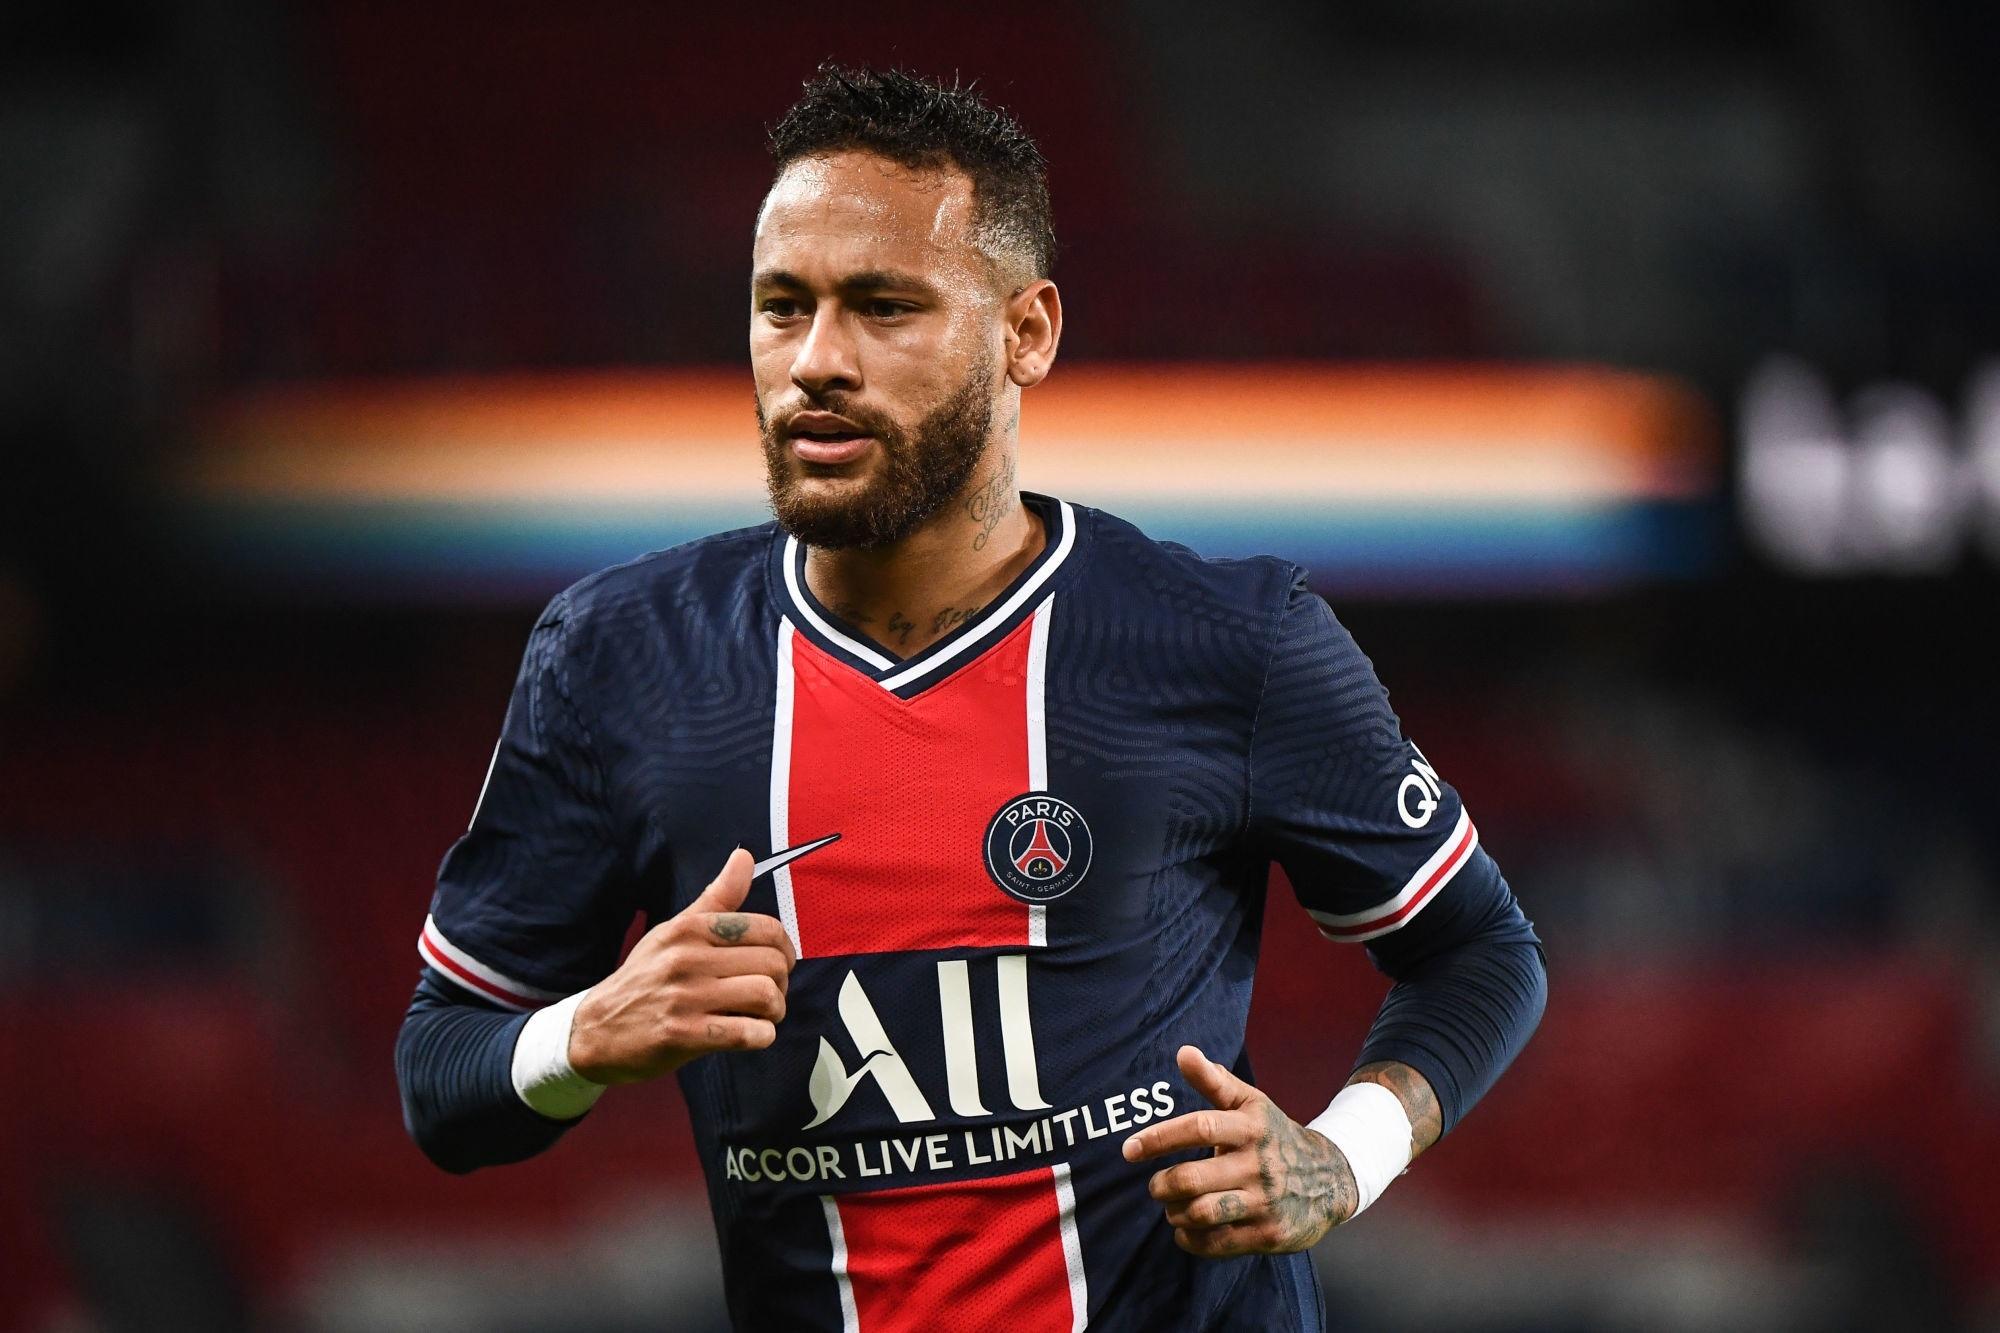 PSG/Barcelone - Neymar probablement prêt pour le 8e de finale retour, confirme L'Equipe